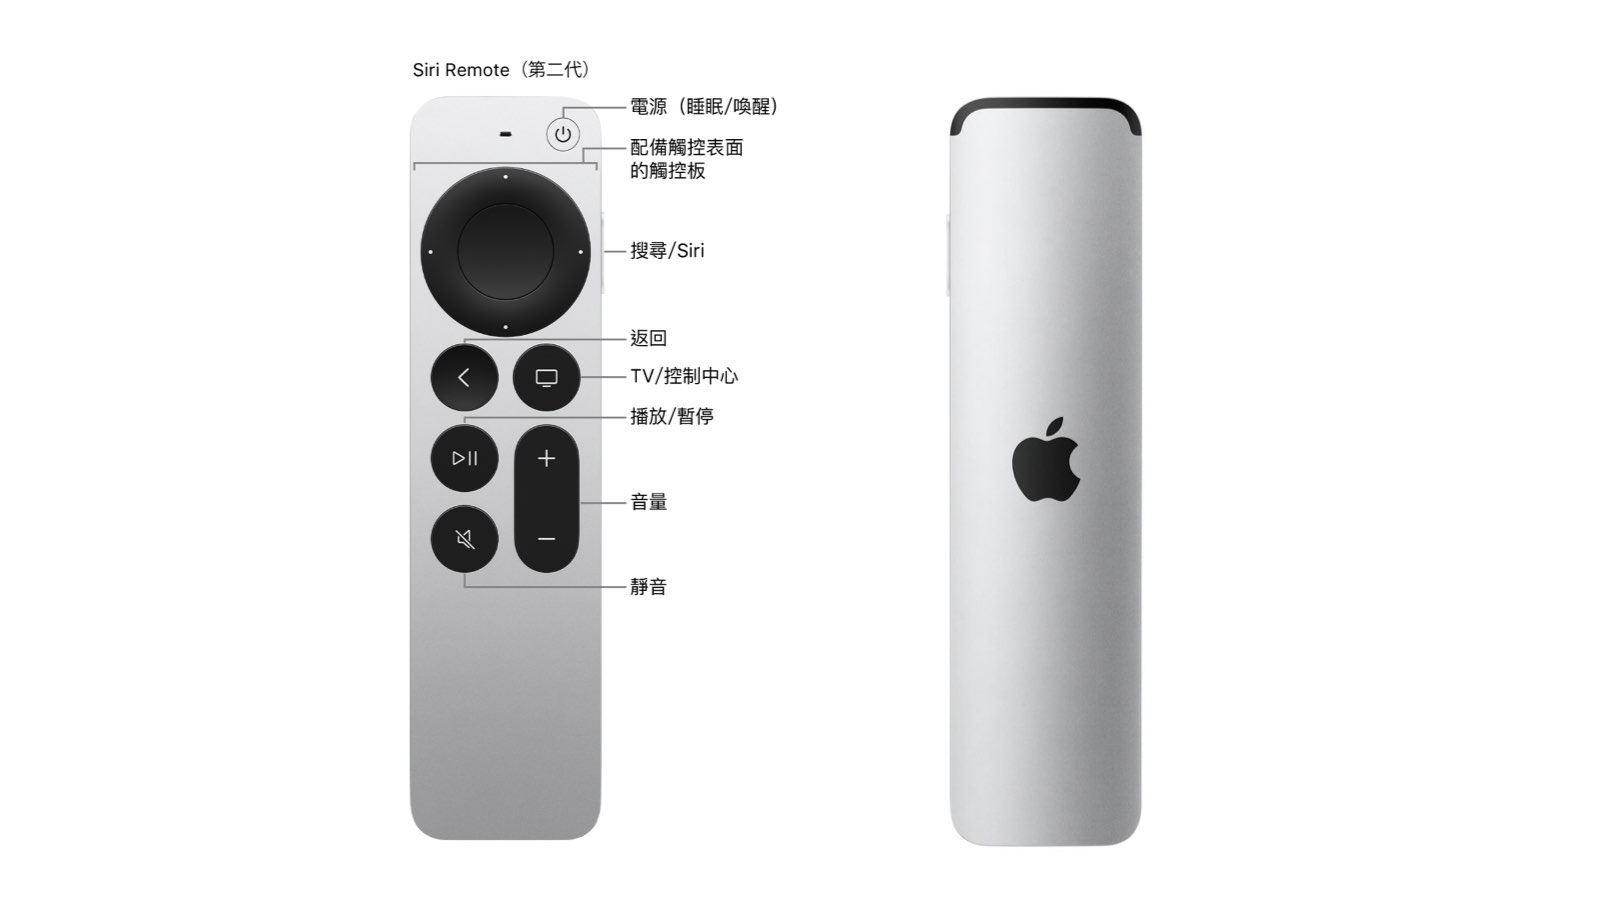 第二代 Siri Remote